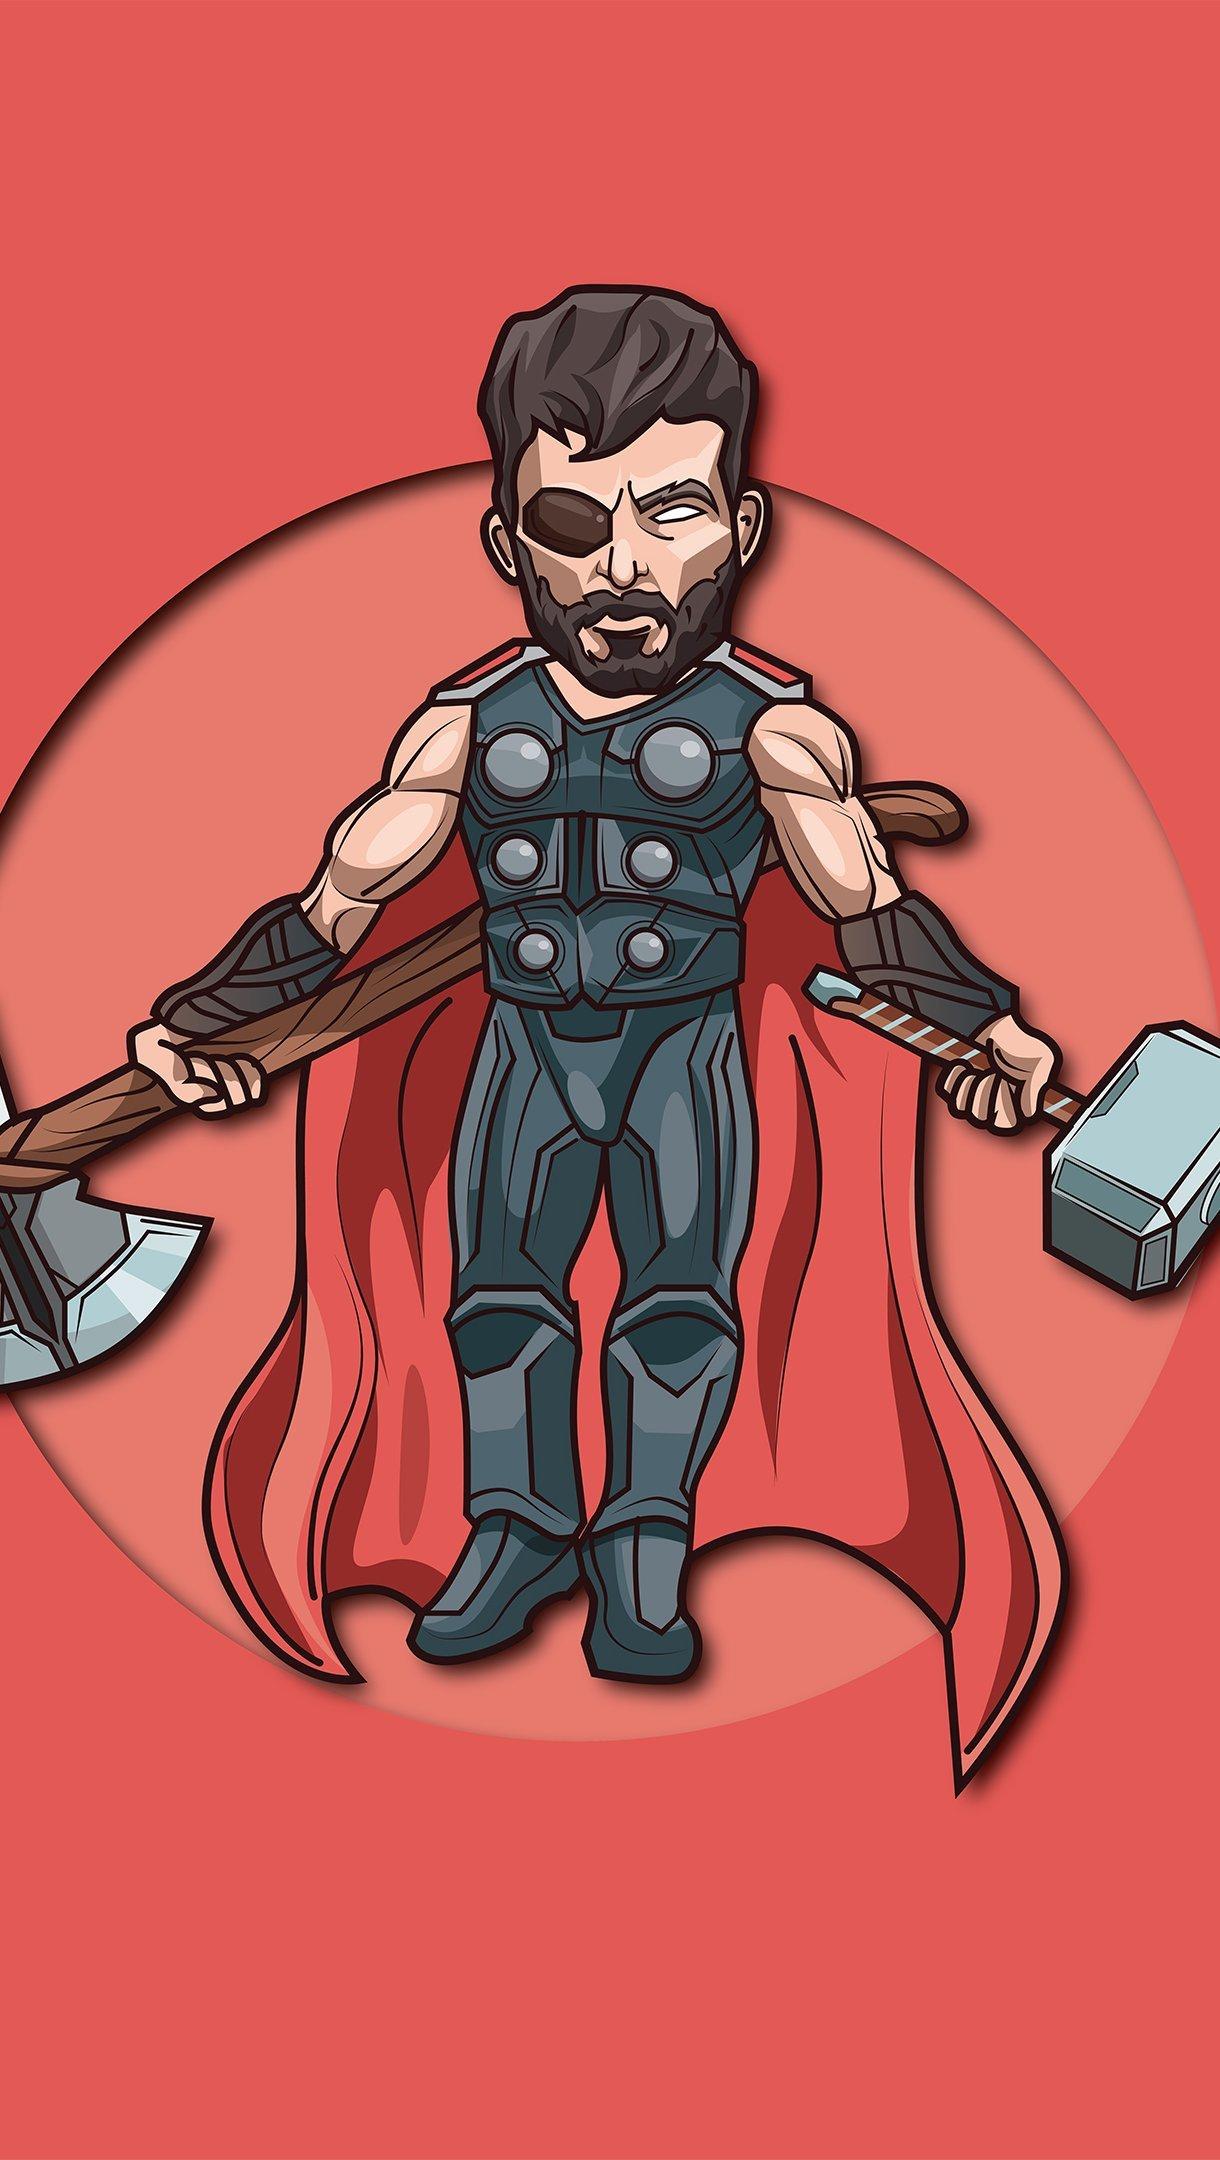 Fondos de pantalla Thor Dios del rayo ilustración minimalista Vertical